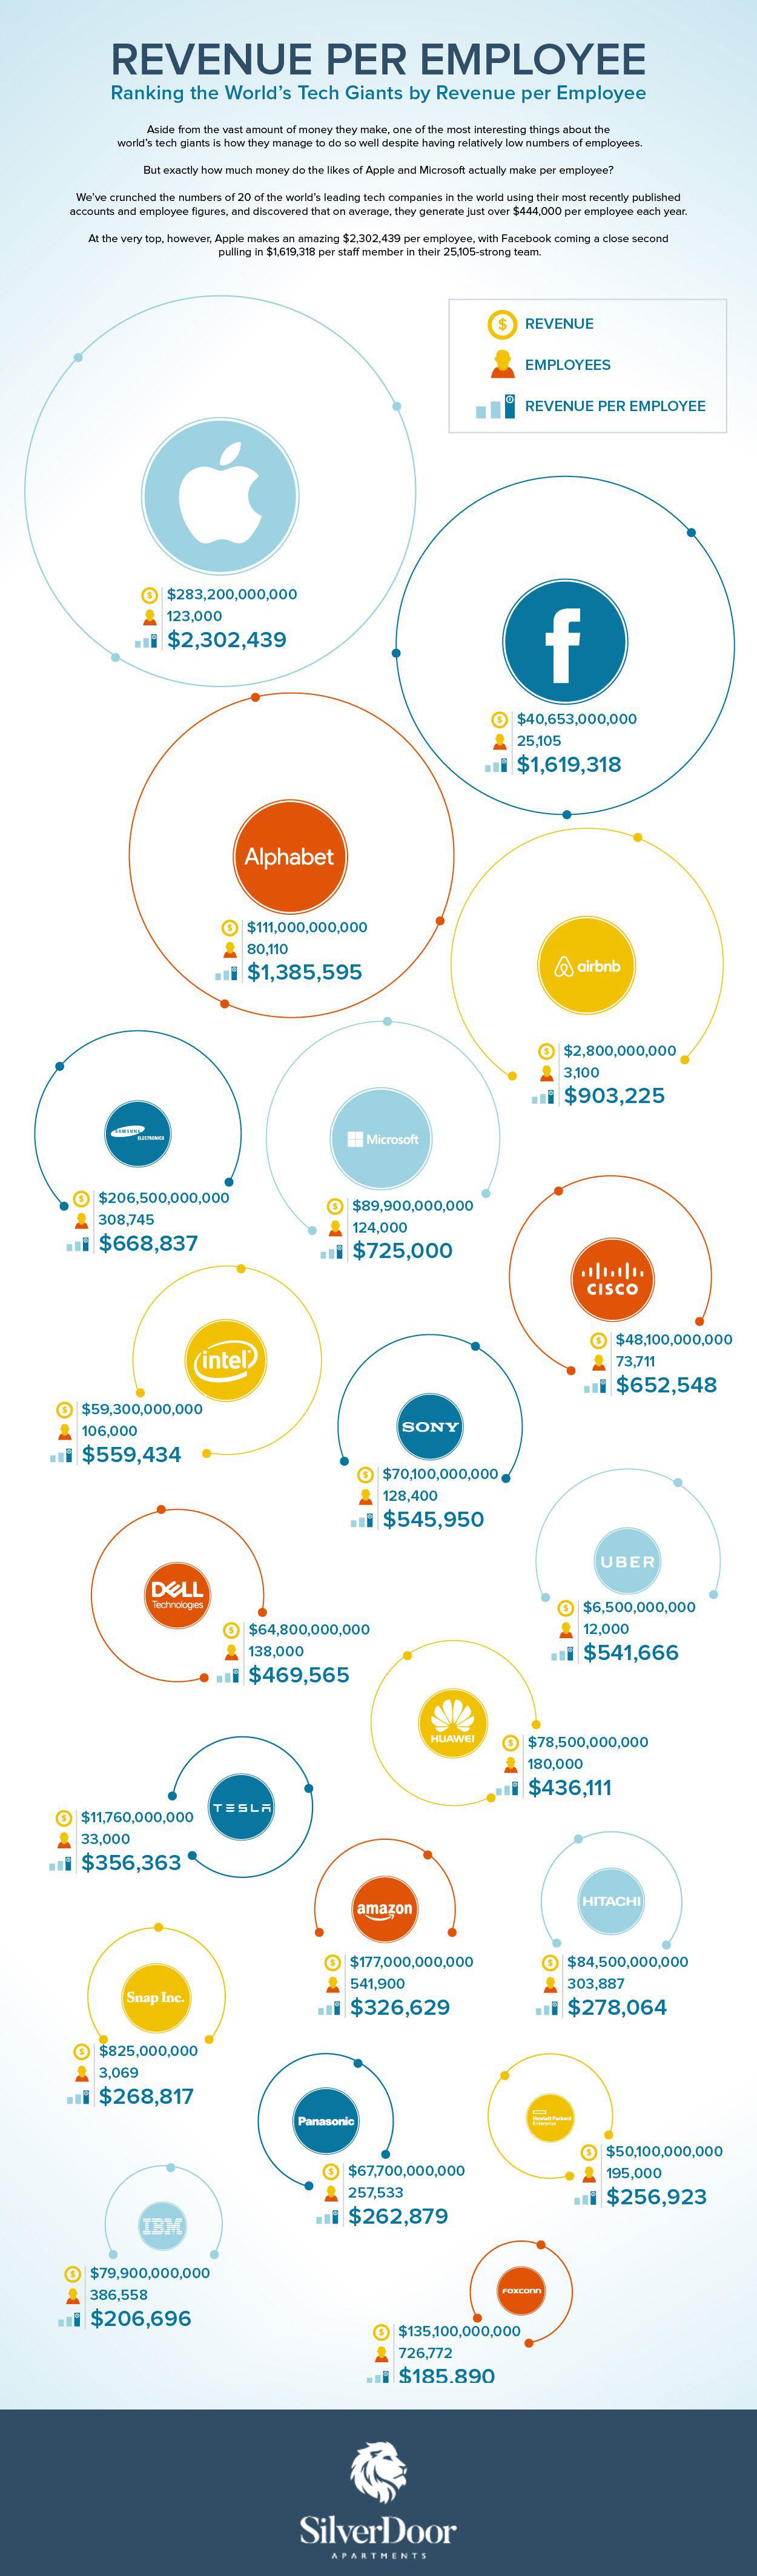 Revenue giants